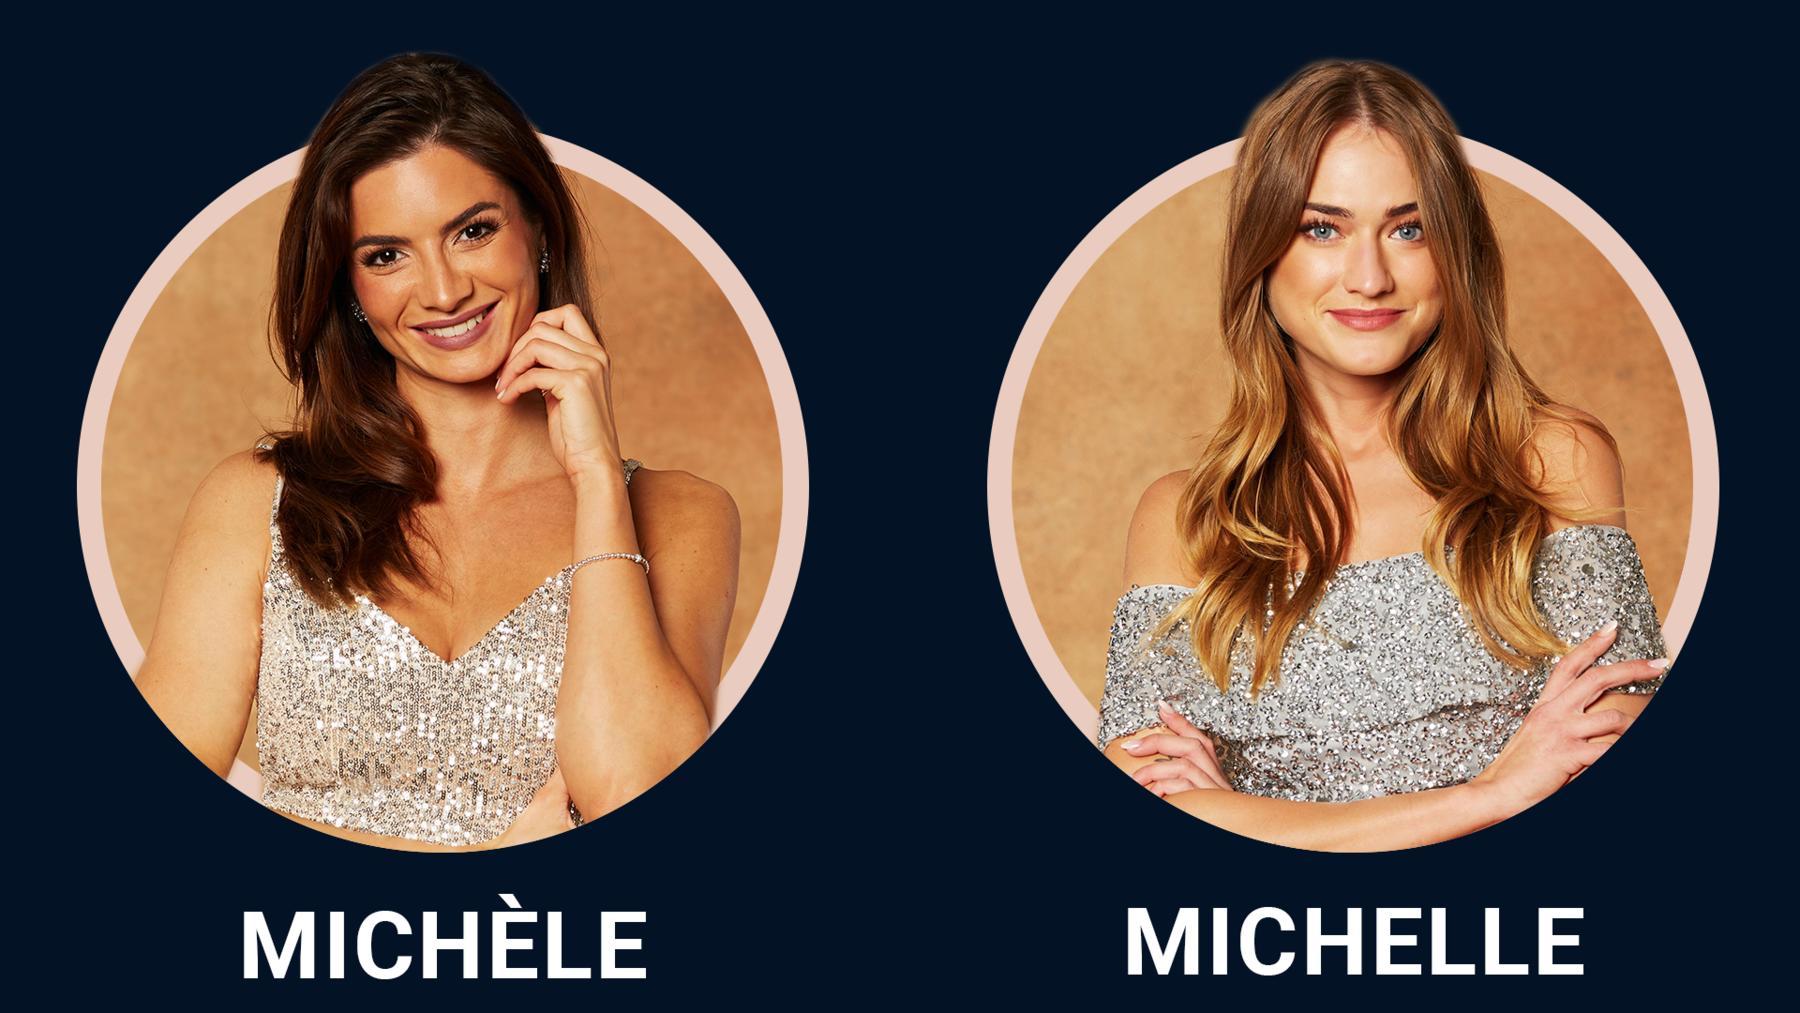 Michèle & Michelle